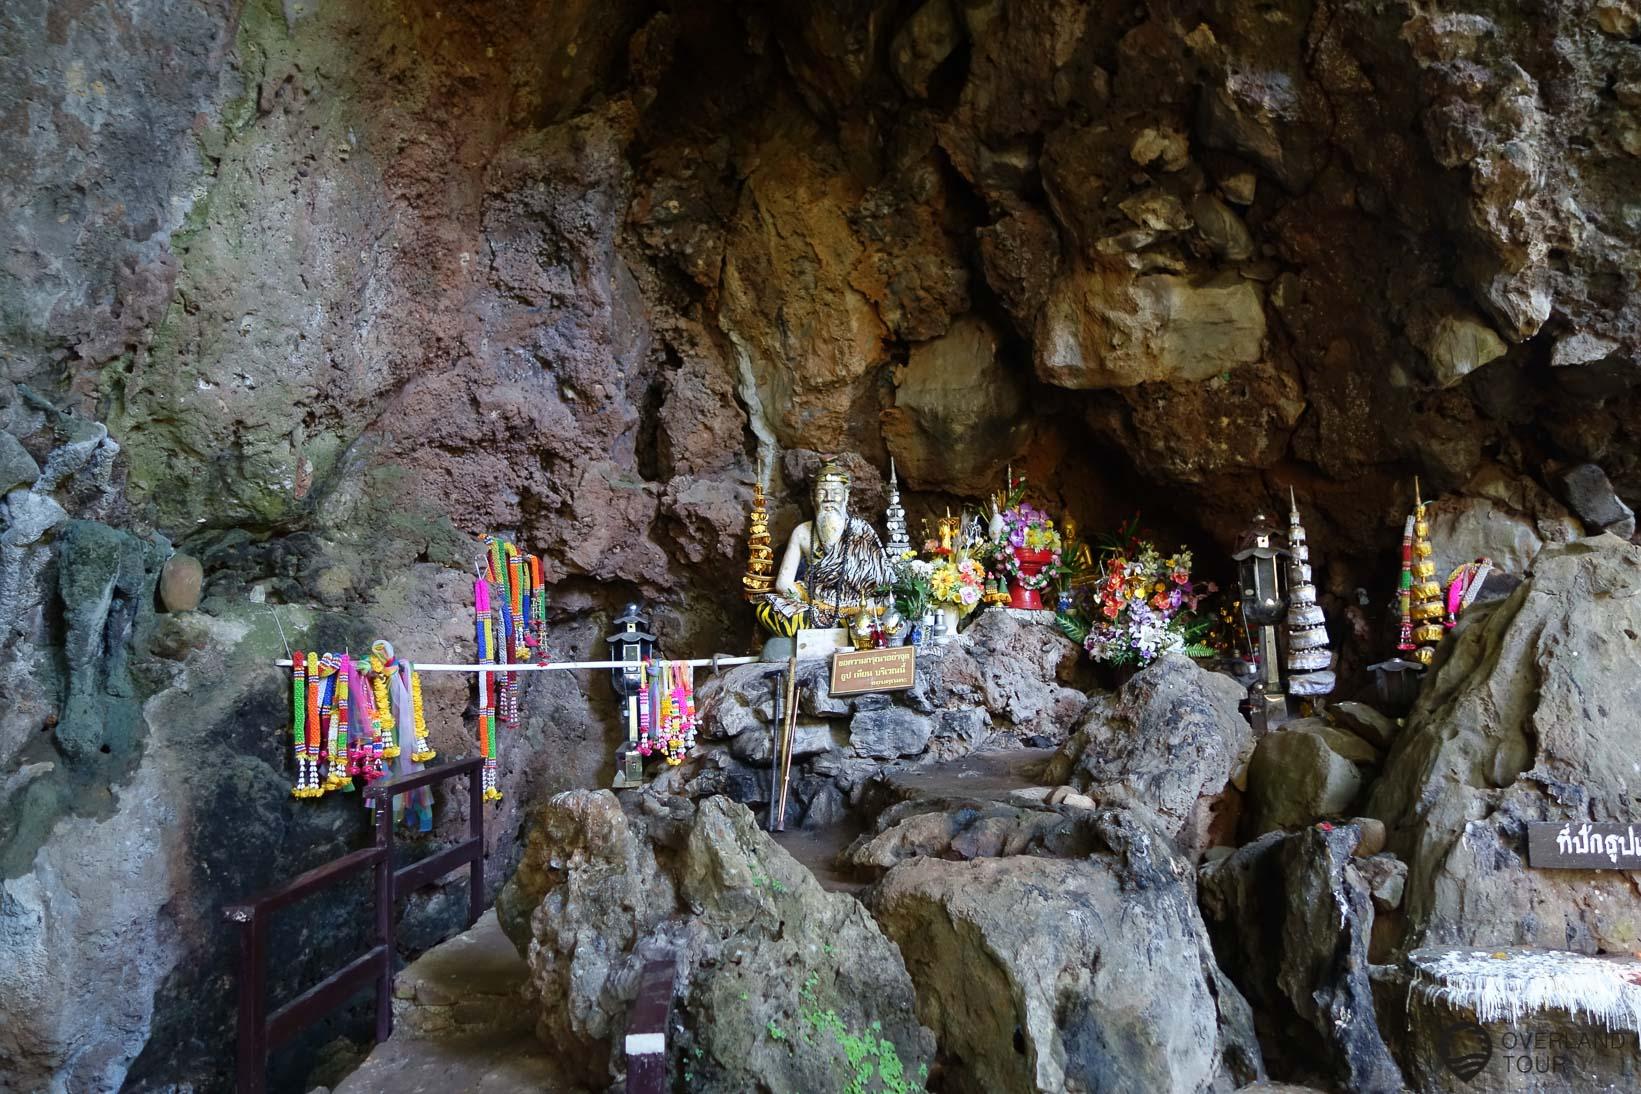 Etappe 3 - Mae Hong Son nach Pai auf der Straße 1095 - Bilder der Fish Cave